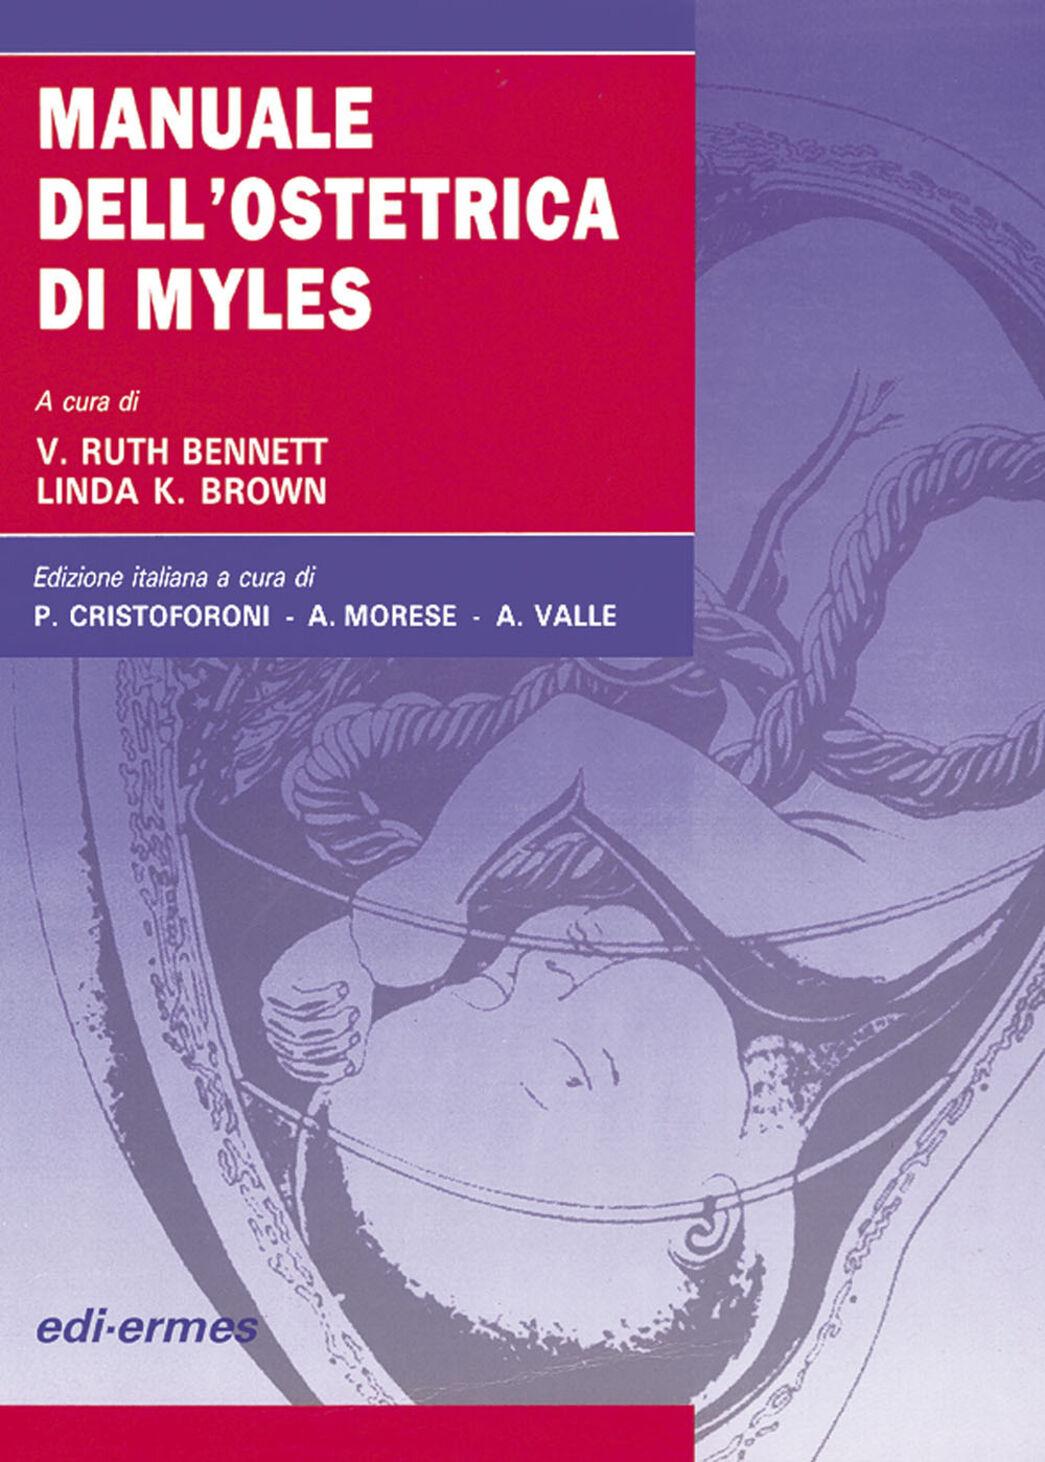 Manuale dell'ostetrica di Myles